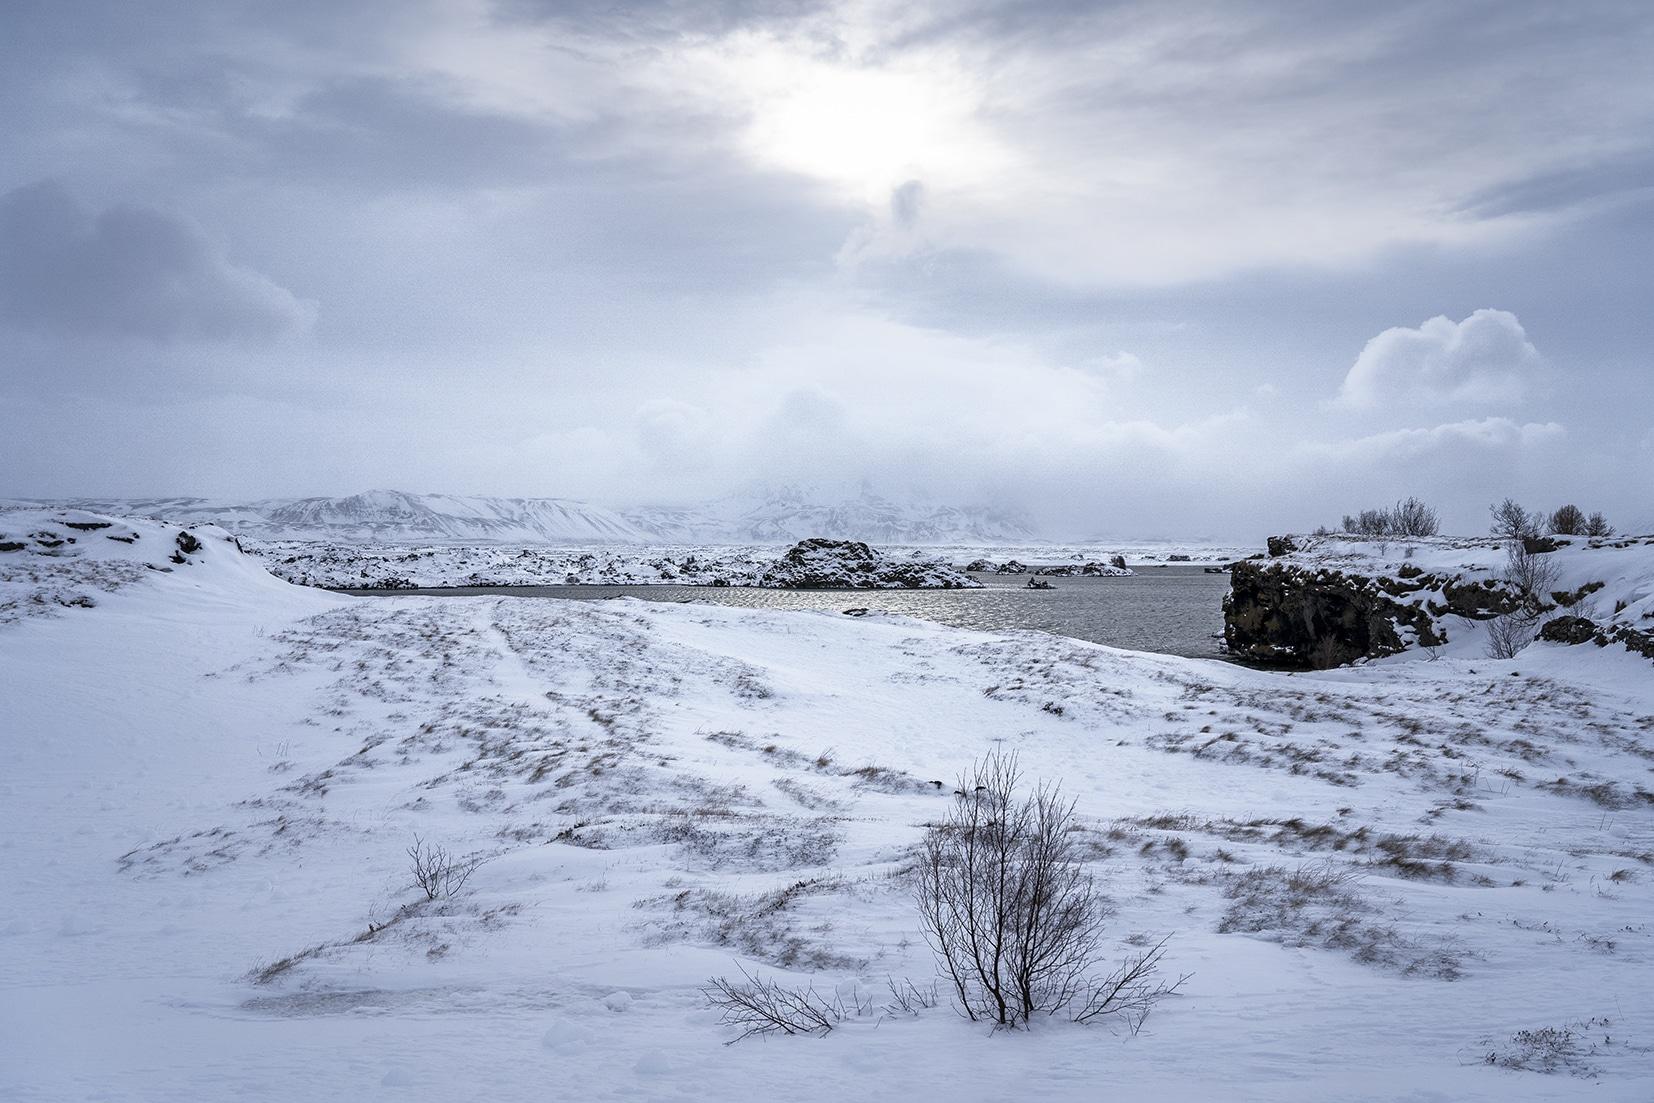 Mývatn lac eau klasar neige nuages Islande du Nord